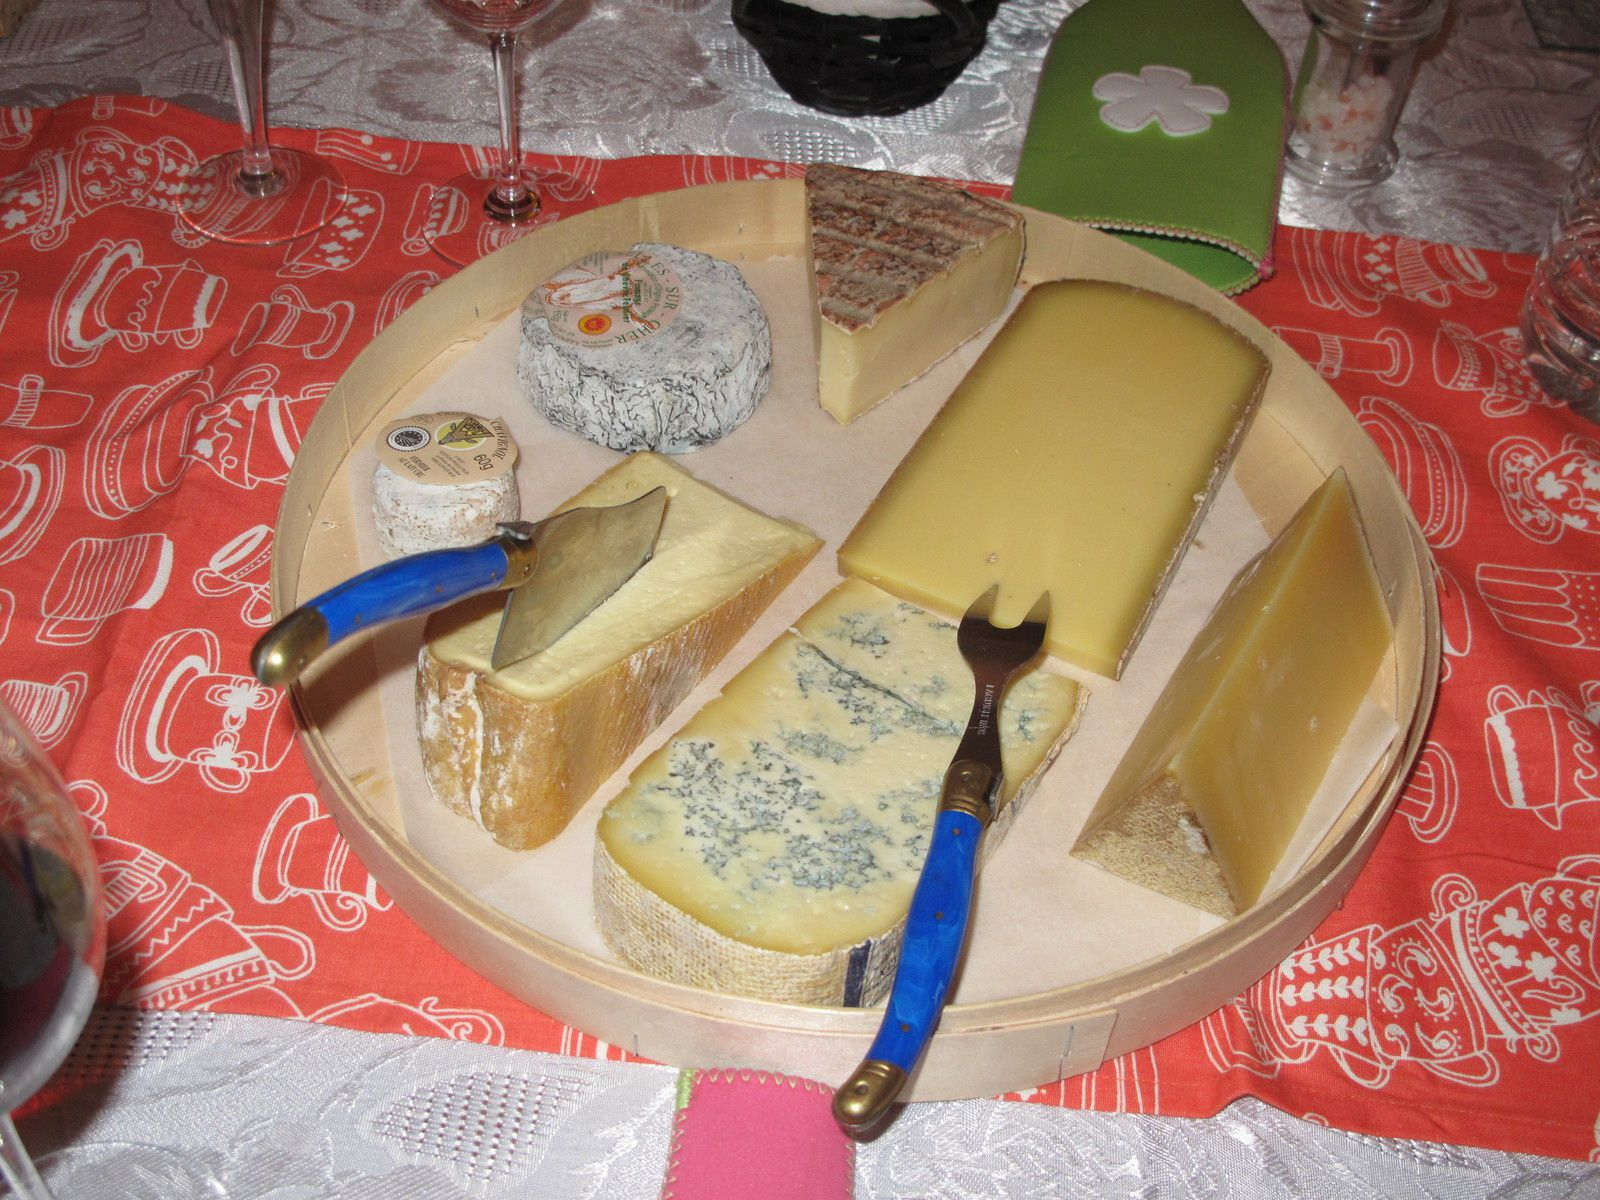 Repas avec Moncuit, Drappier, Cotat, Raveneau, Meo Camuzet, Tardieu-Laurent, Pingus, Lenoir, Delesvaux